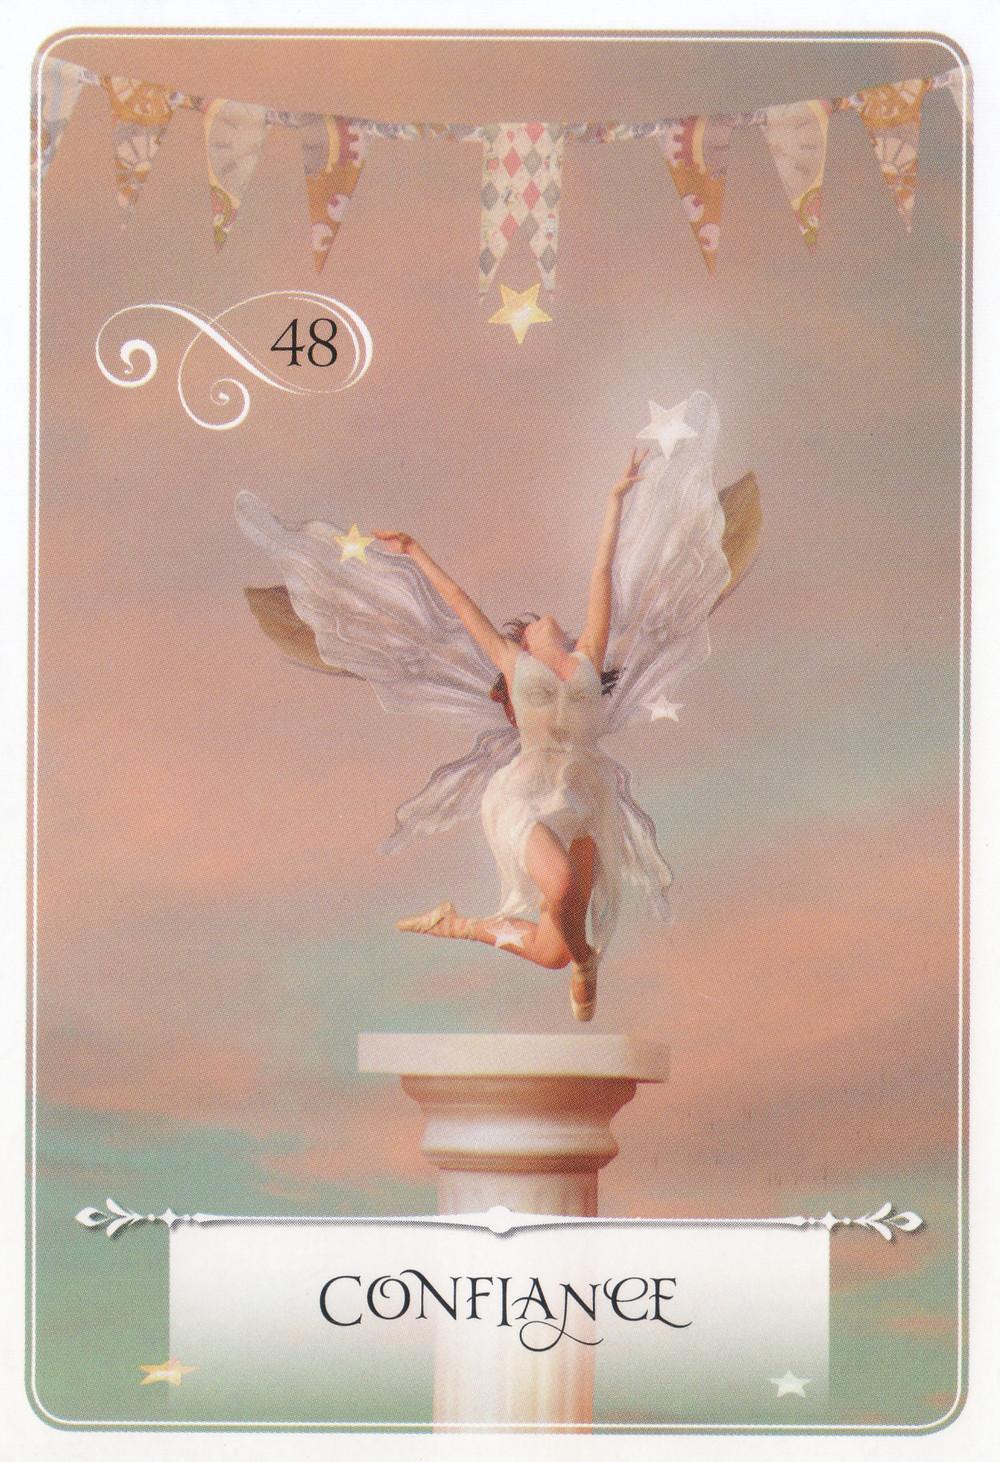 Carte de La Sagesse de l'Oracle de Colette Baron-Reid - Energies du 20 au 26 juillet 2020 (Portail du 25 et Nouvelle Lune) : Faire Confiance et nourrir la Paix de son Cœur